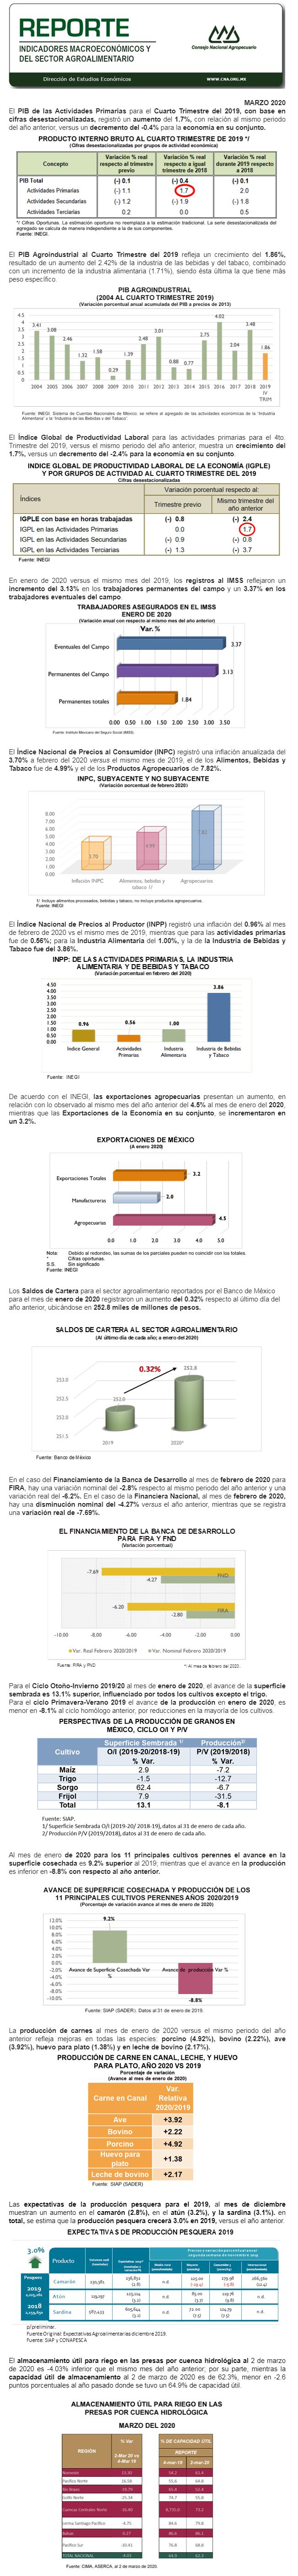 Reporte de Indicadores Macroeconómicos y Sectoriales del Sector Marzo 2020.